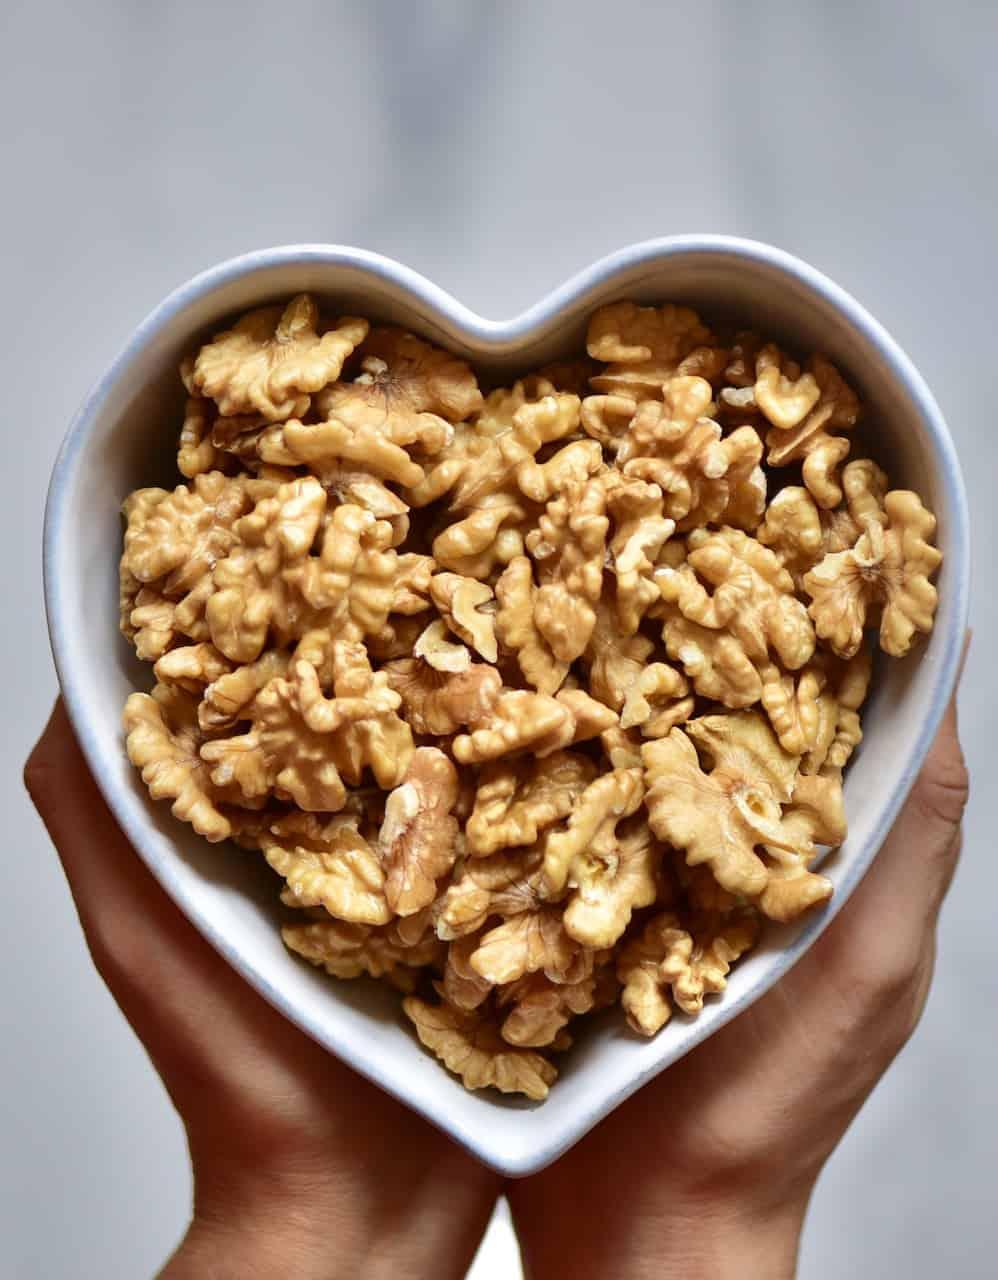 heart bowl full of walnuts